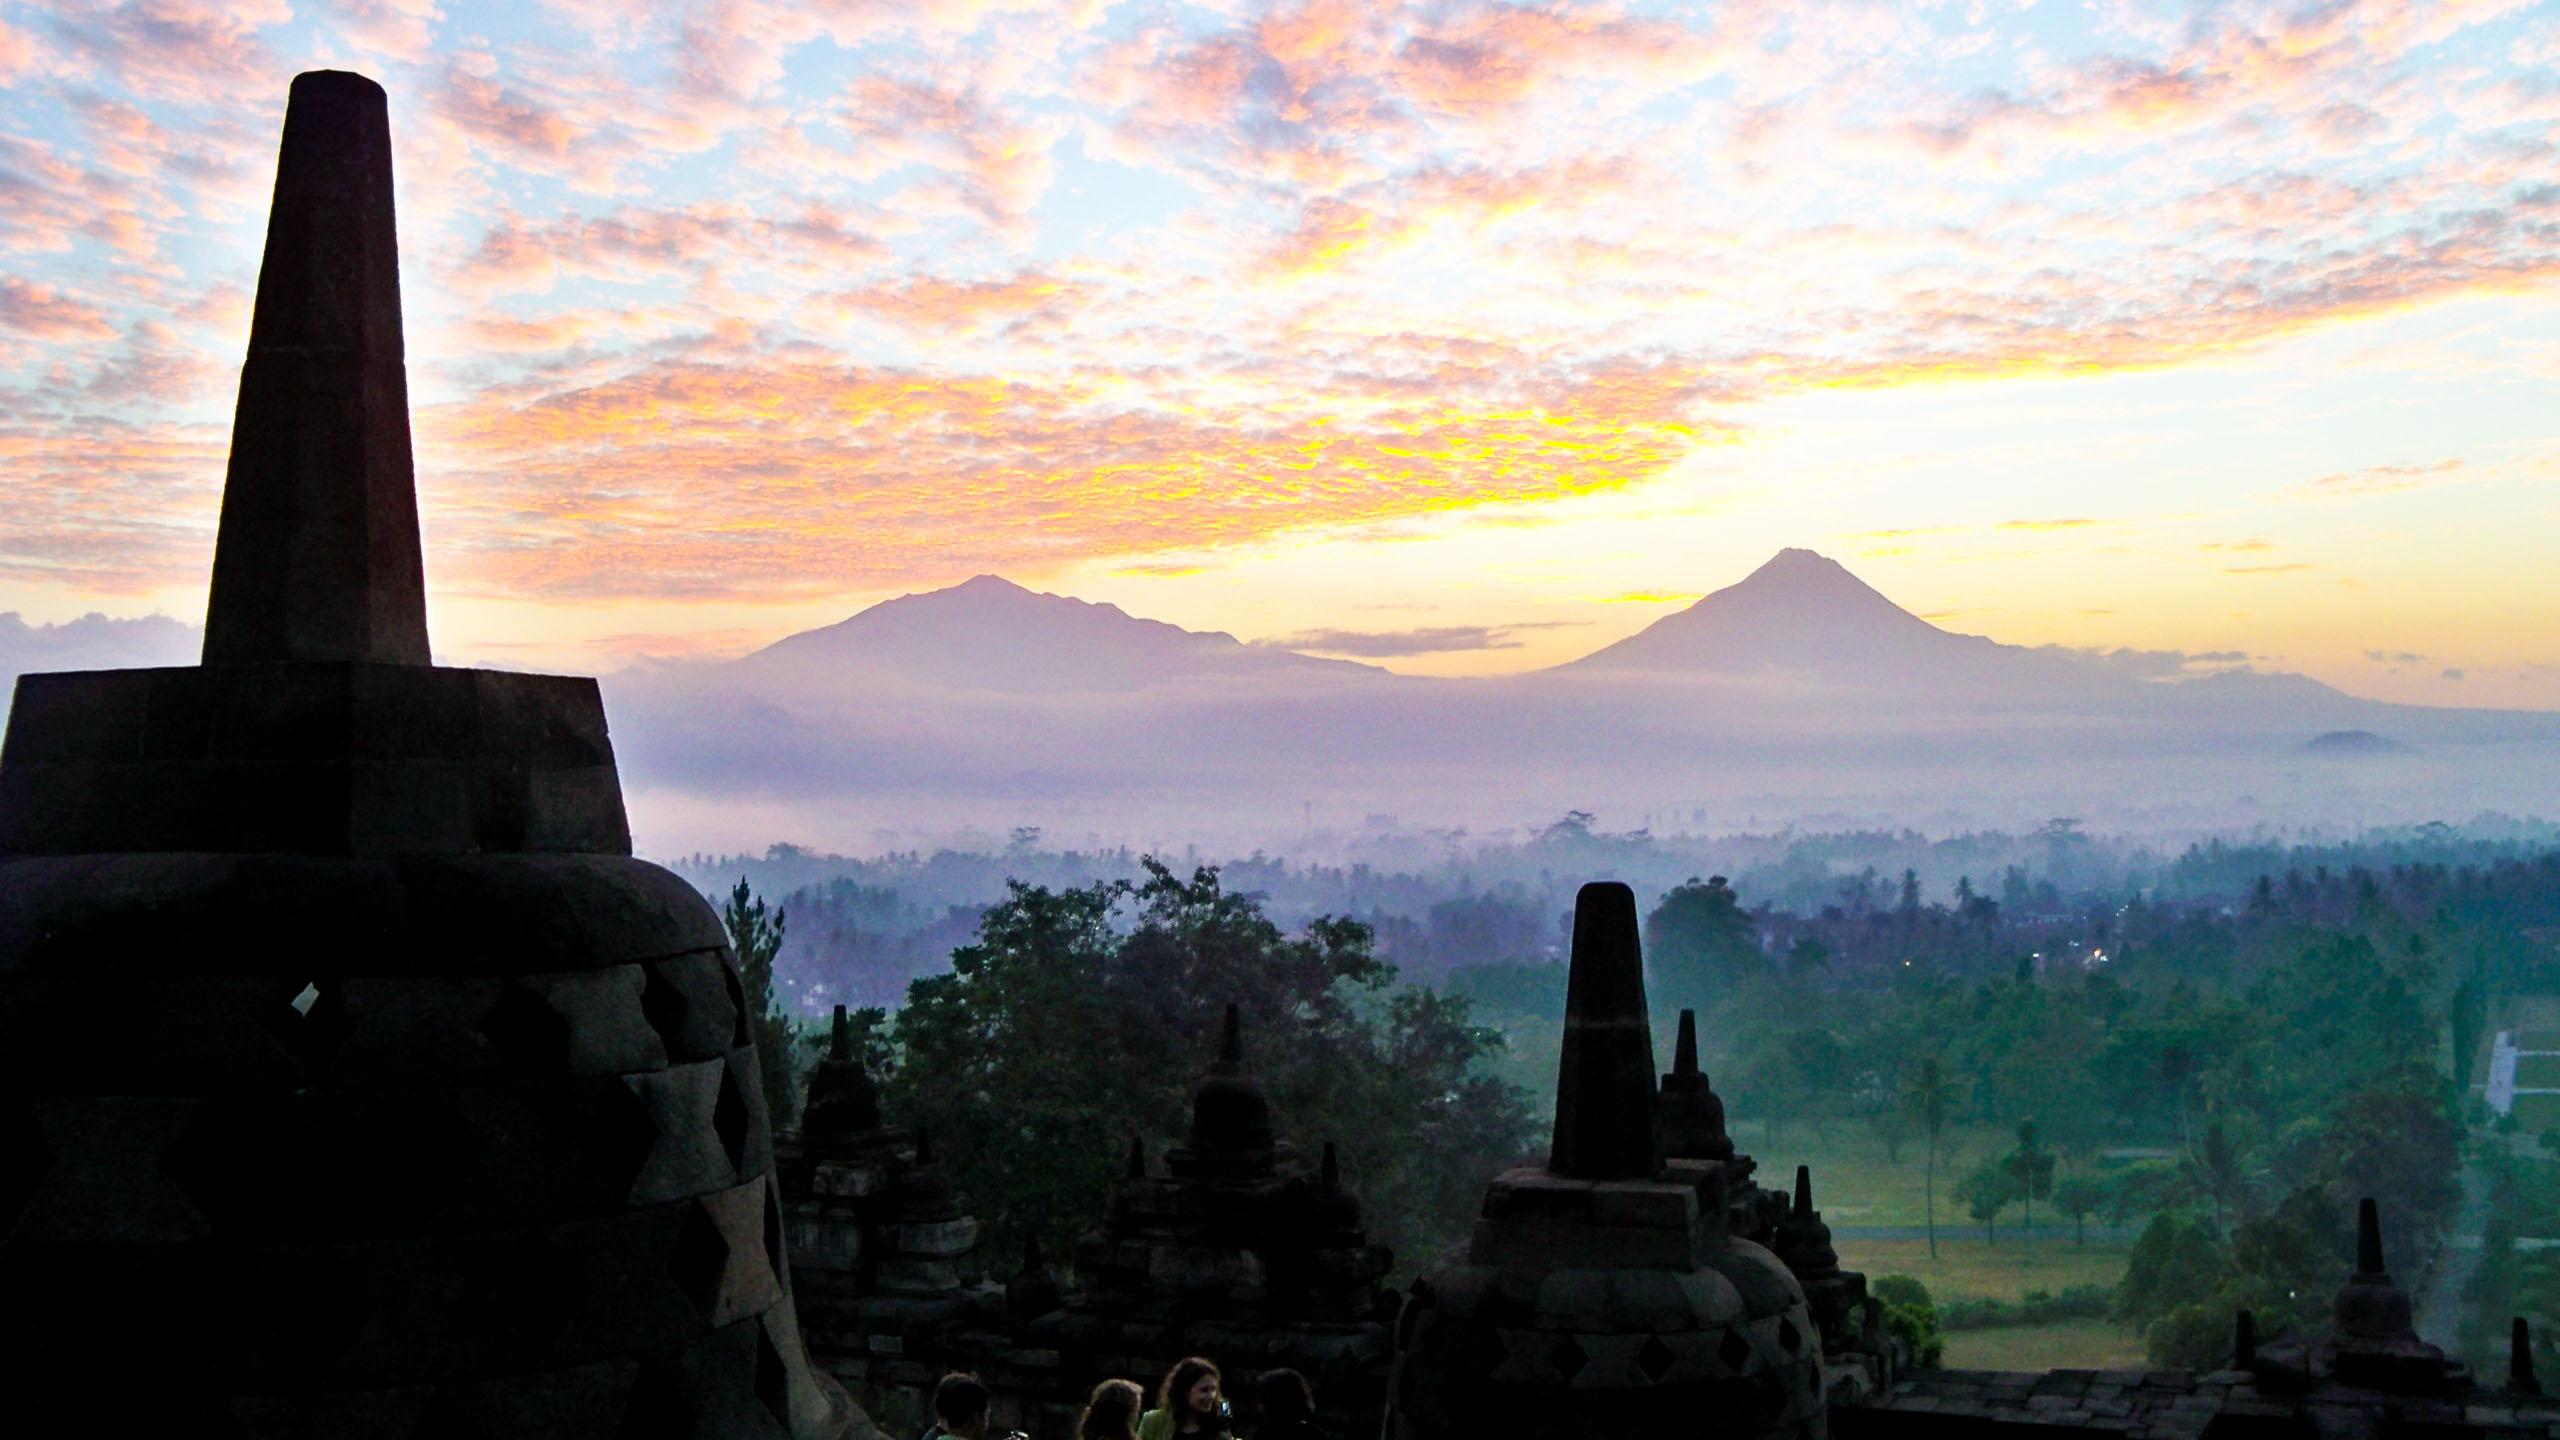 Yogyakarta monuments against misty Indonesia landscape